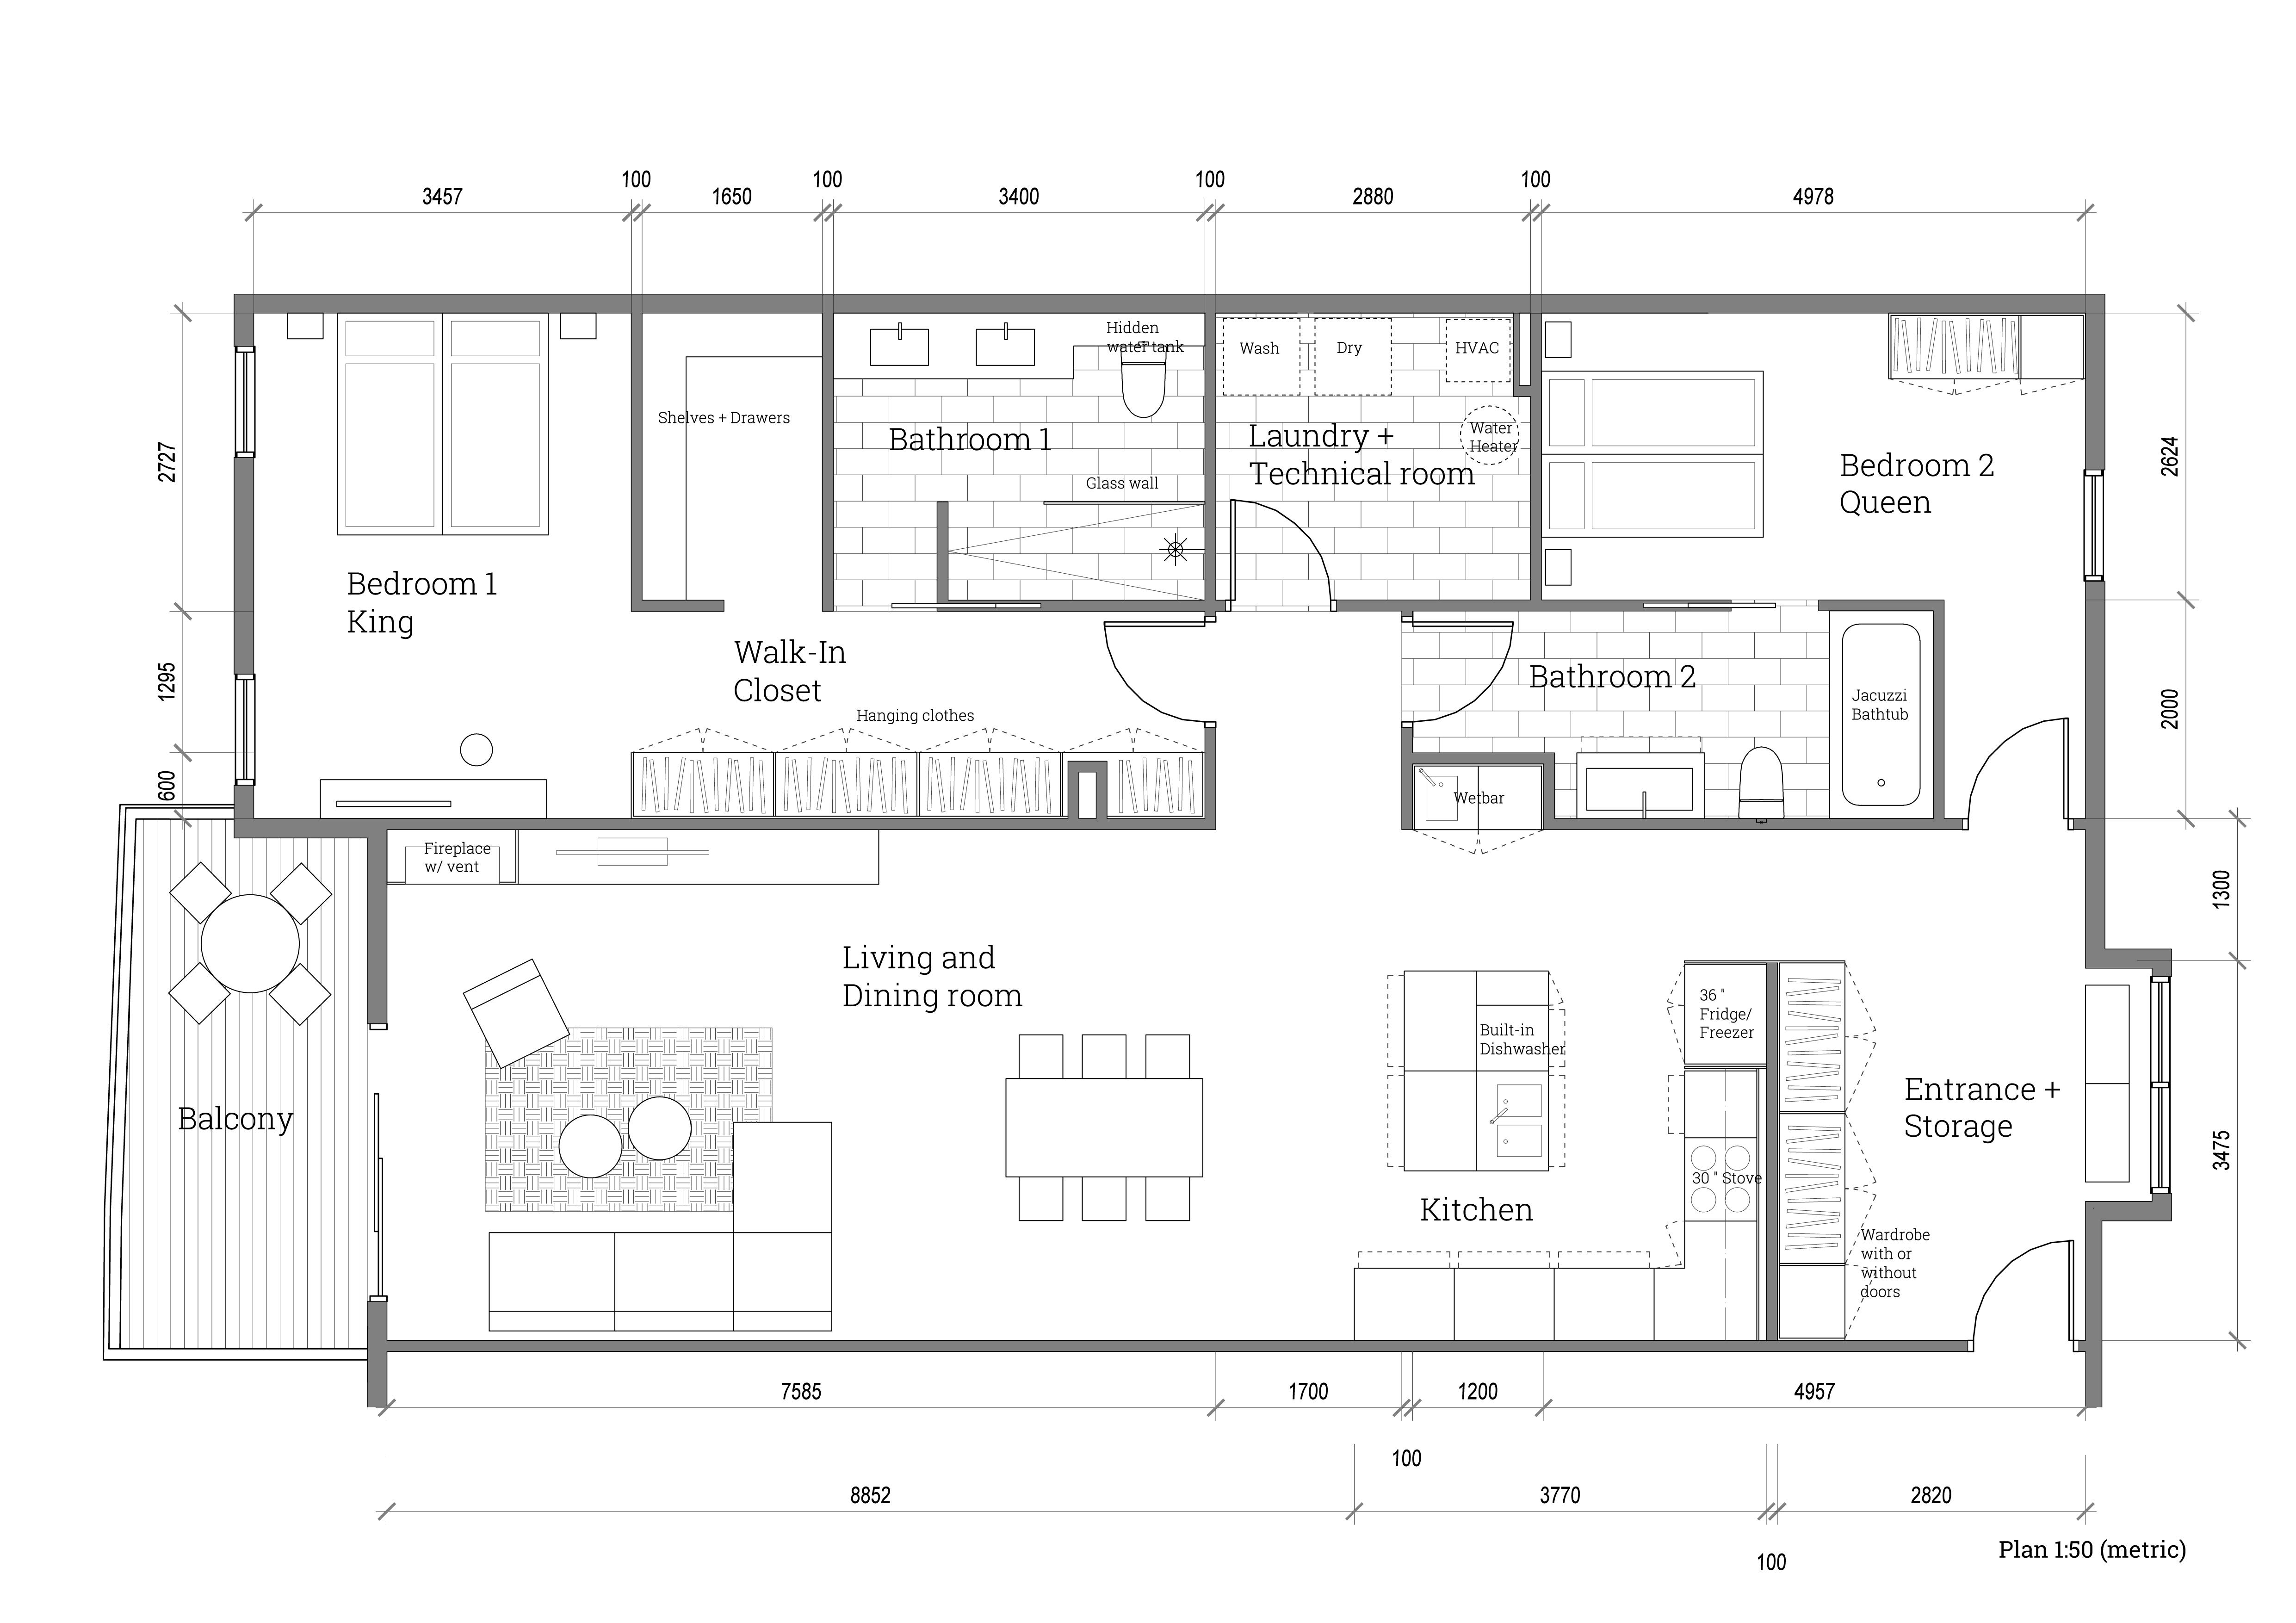 16 top photos ideas for small condo floor plans for Small condo plans